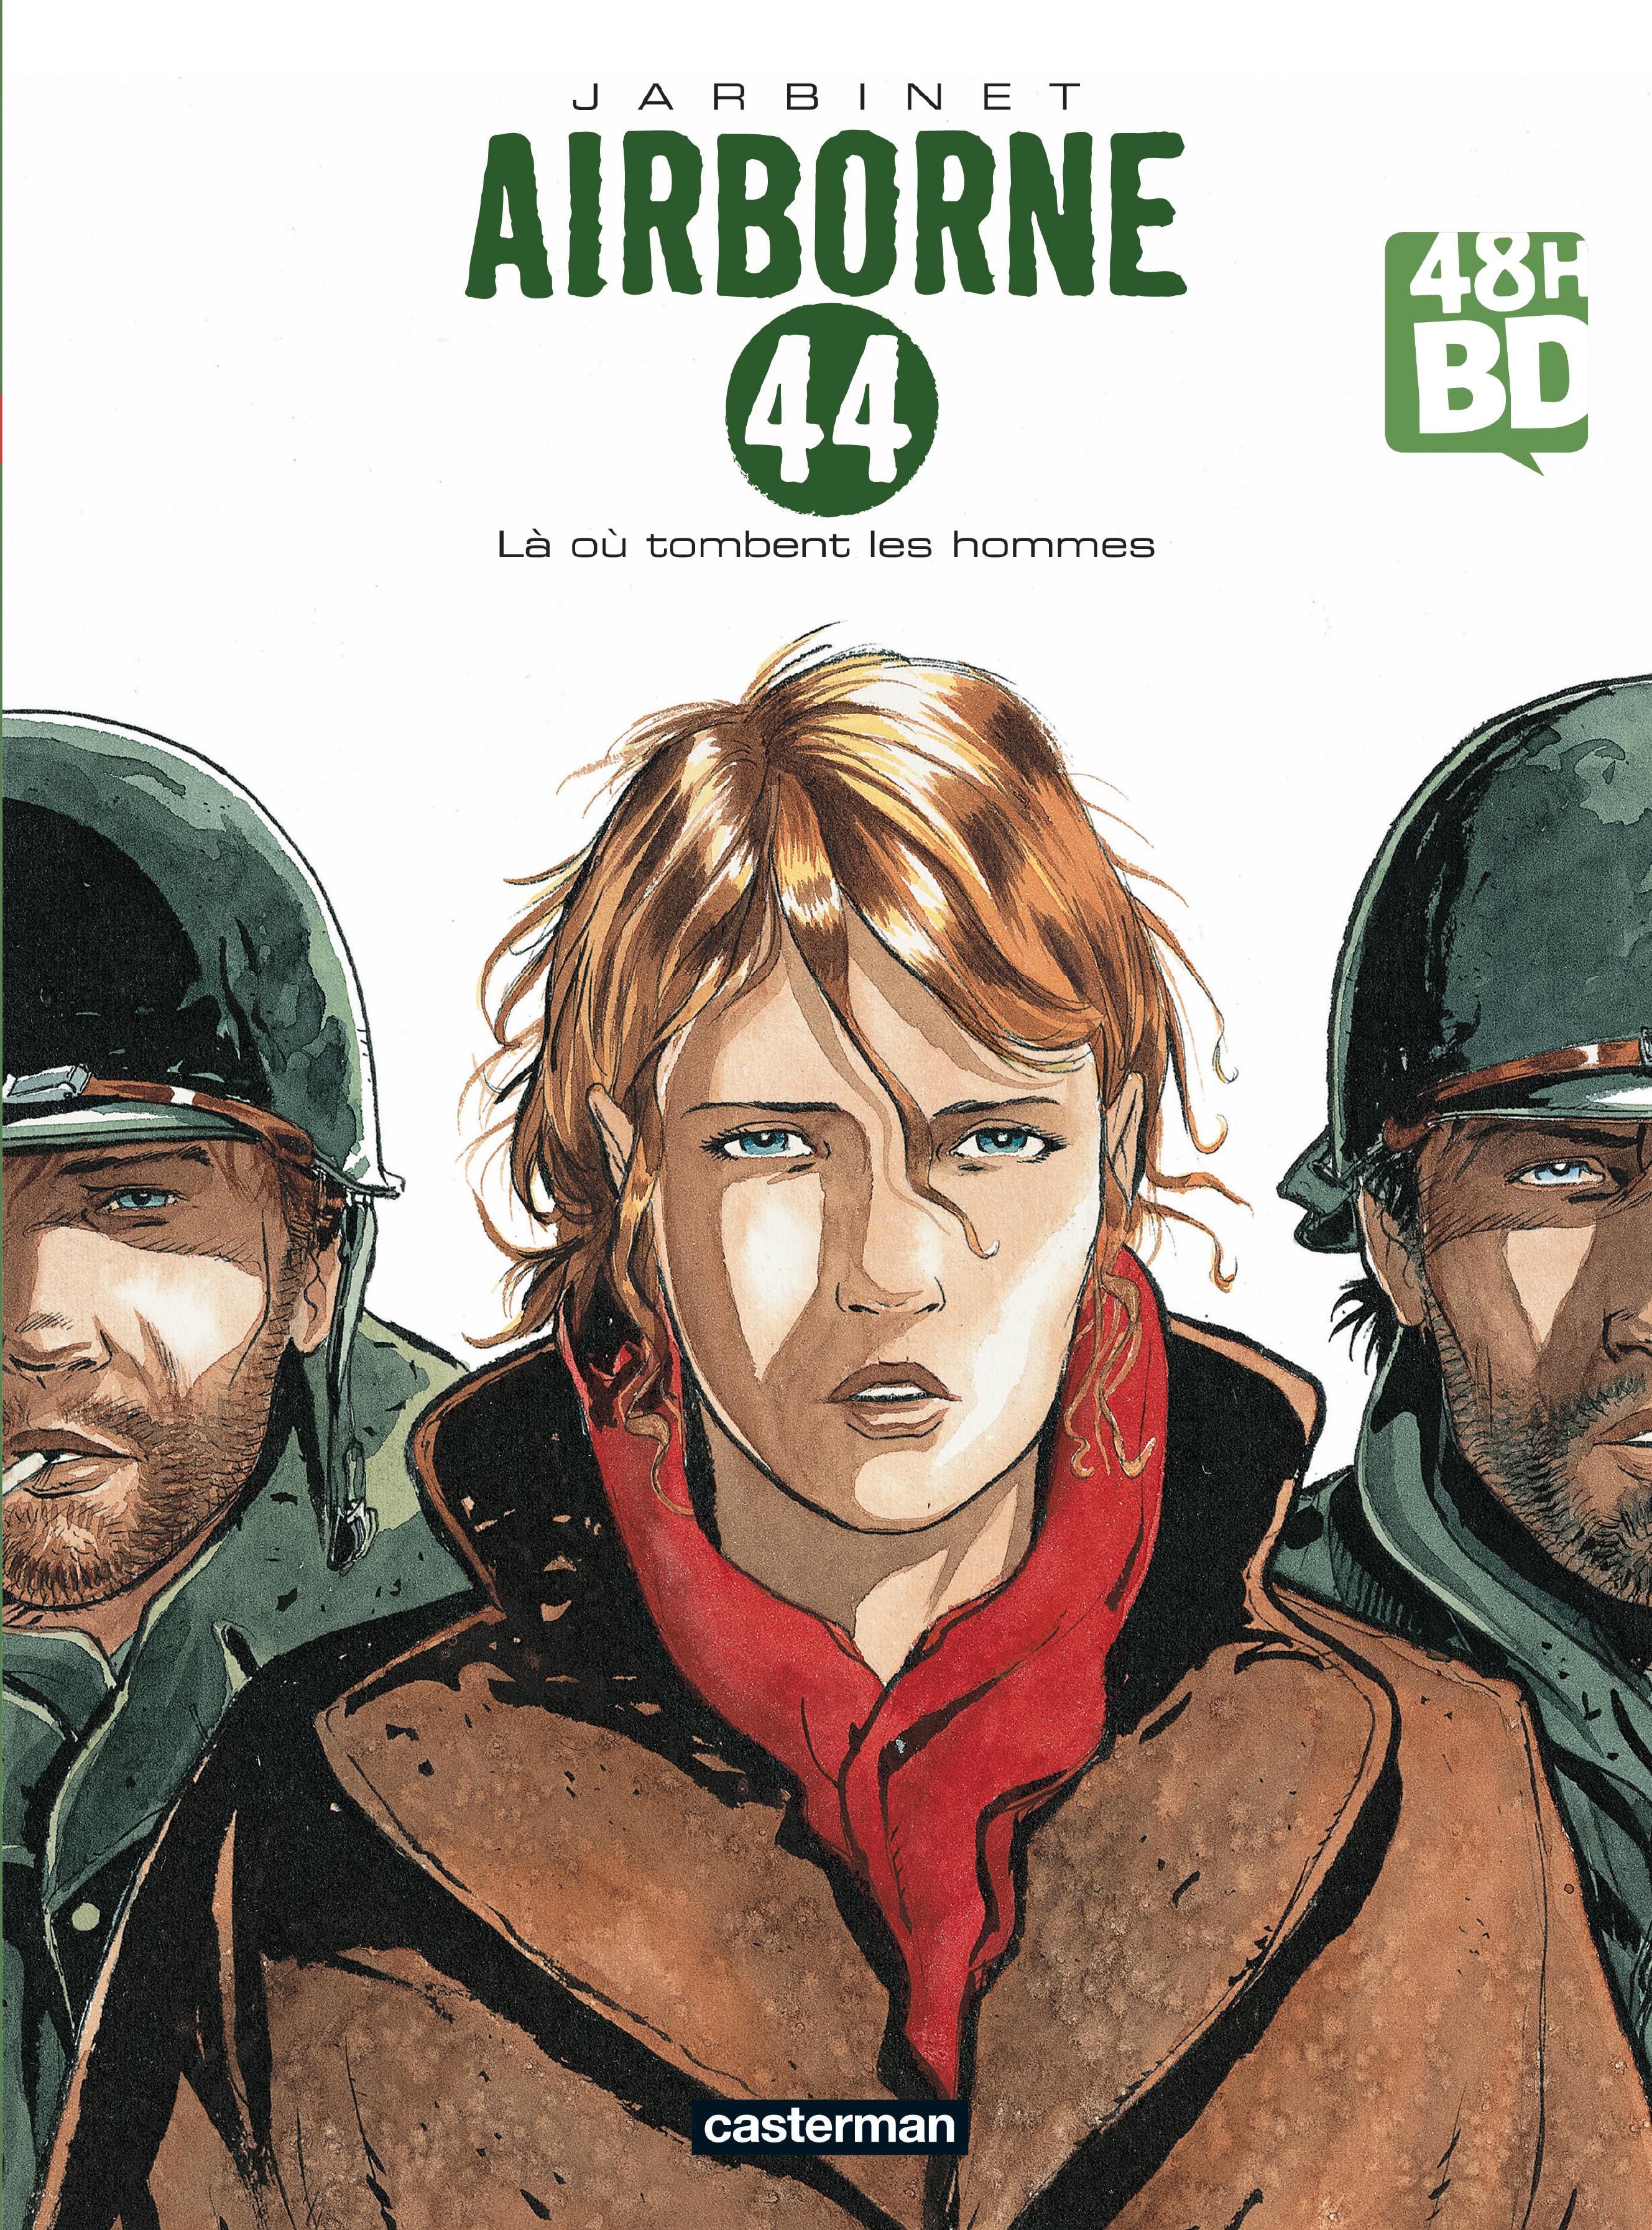 Airborne 44 1 - Là où tombent les hommes